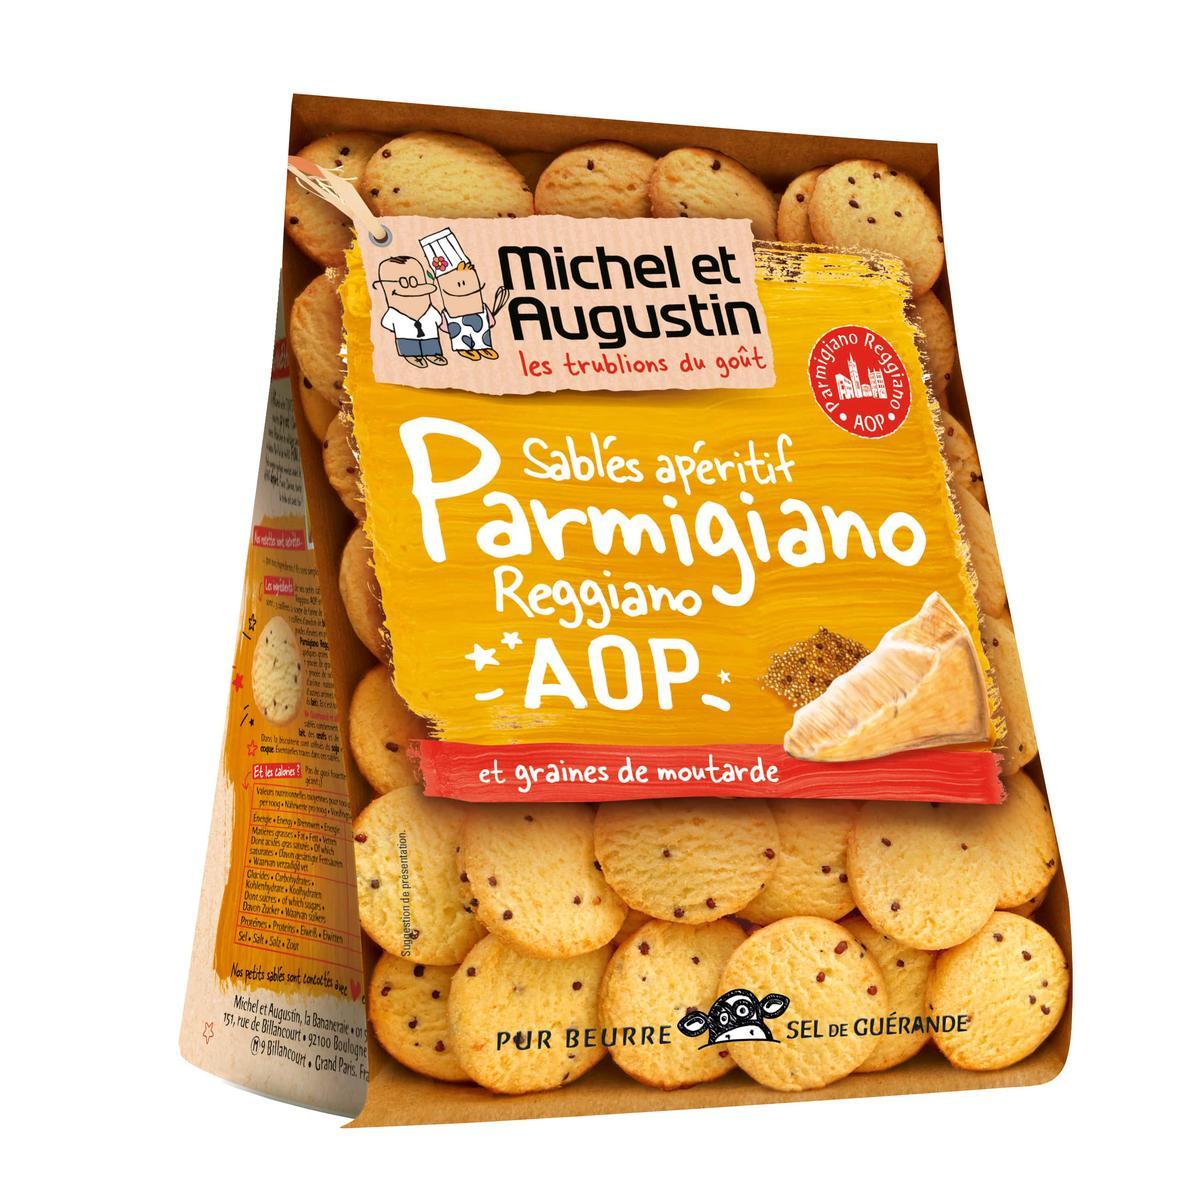 Sablé parmesan et moutarde, Michel et Augustin (120 g)